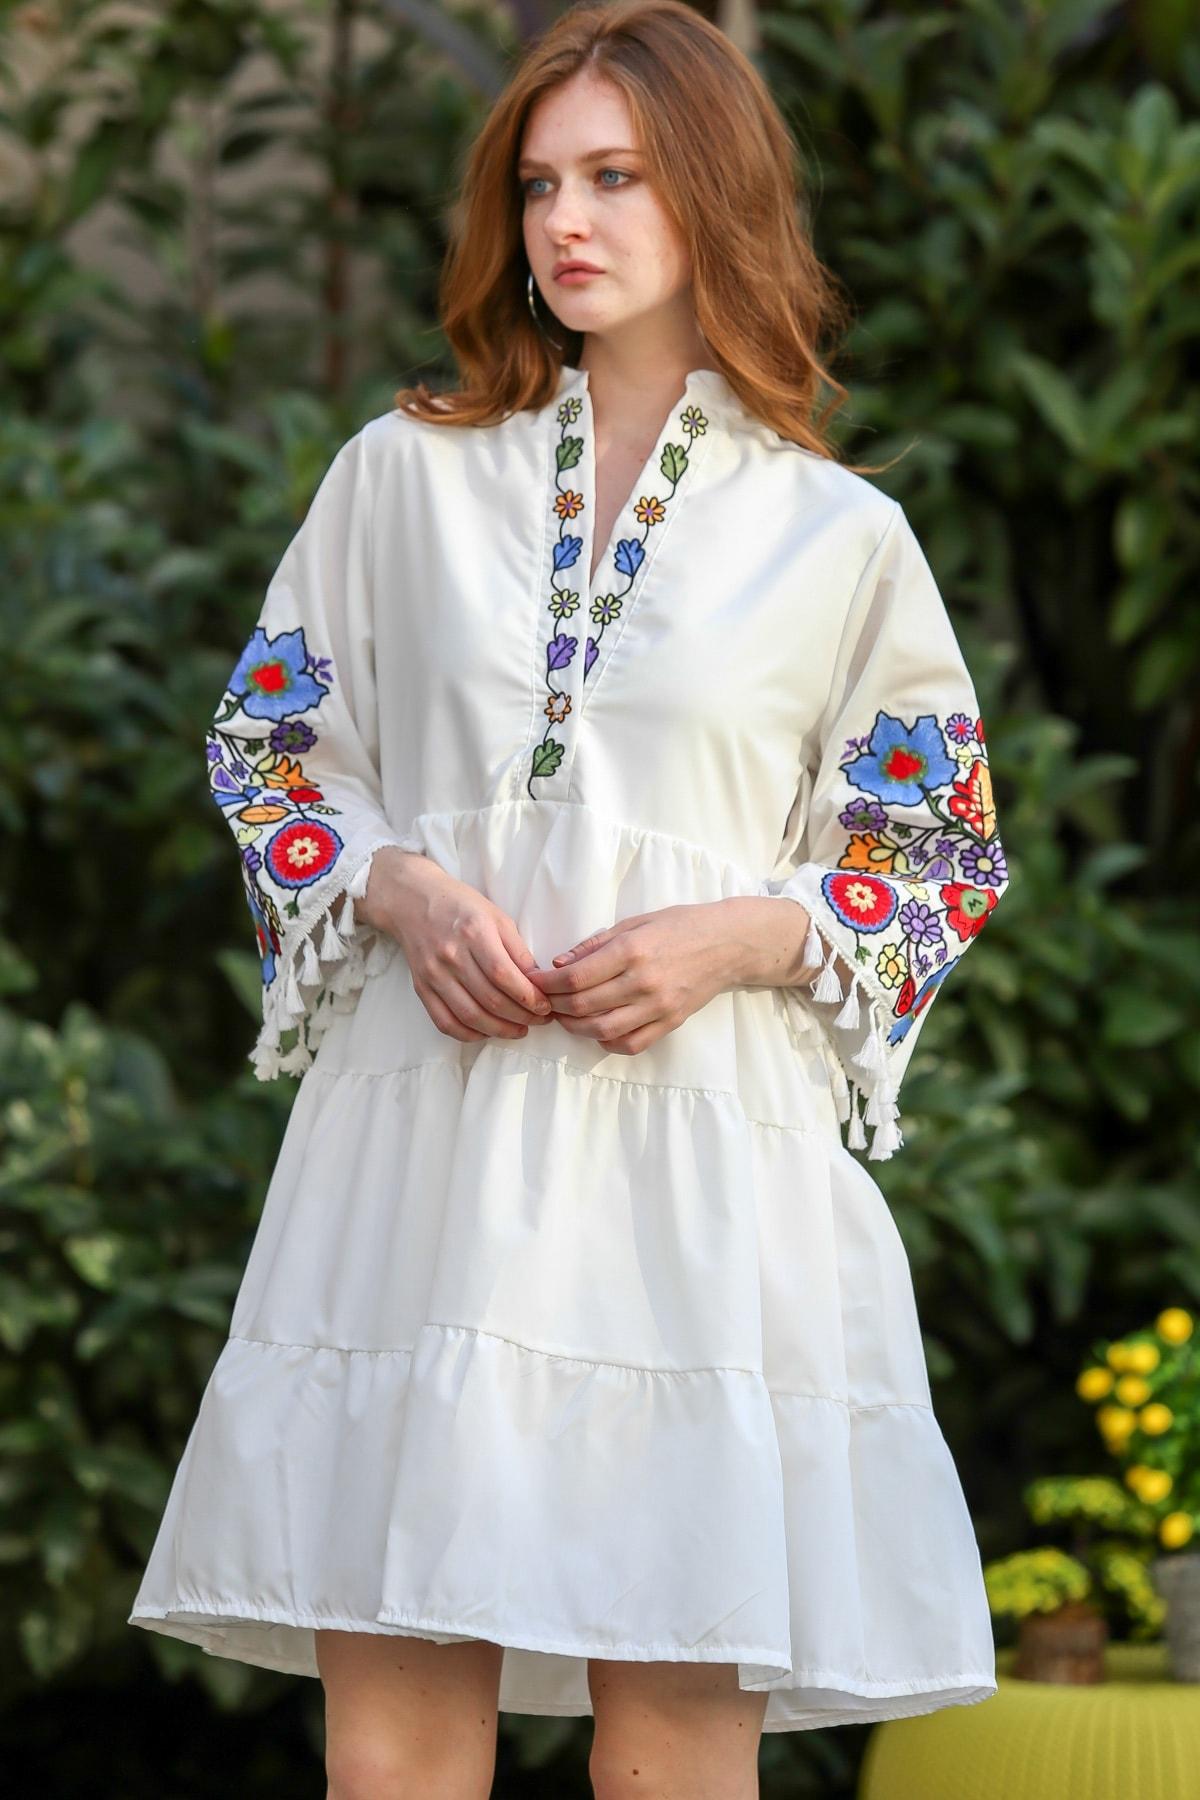 Chiccy Kadın Beyaz Bohem Yaka ve Kolları Çiçek Nakışlı Saçaklı Elbise M10160000EL96242